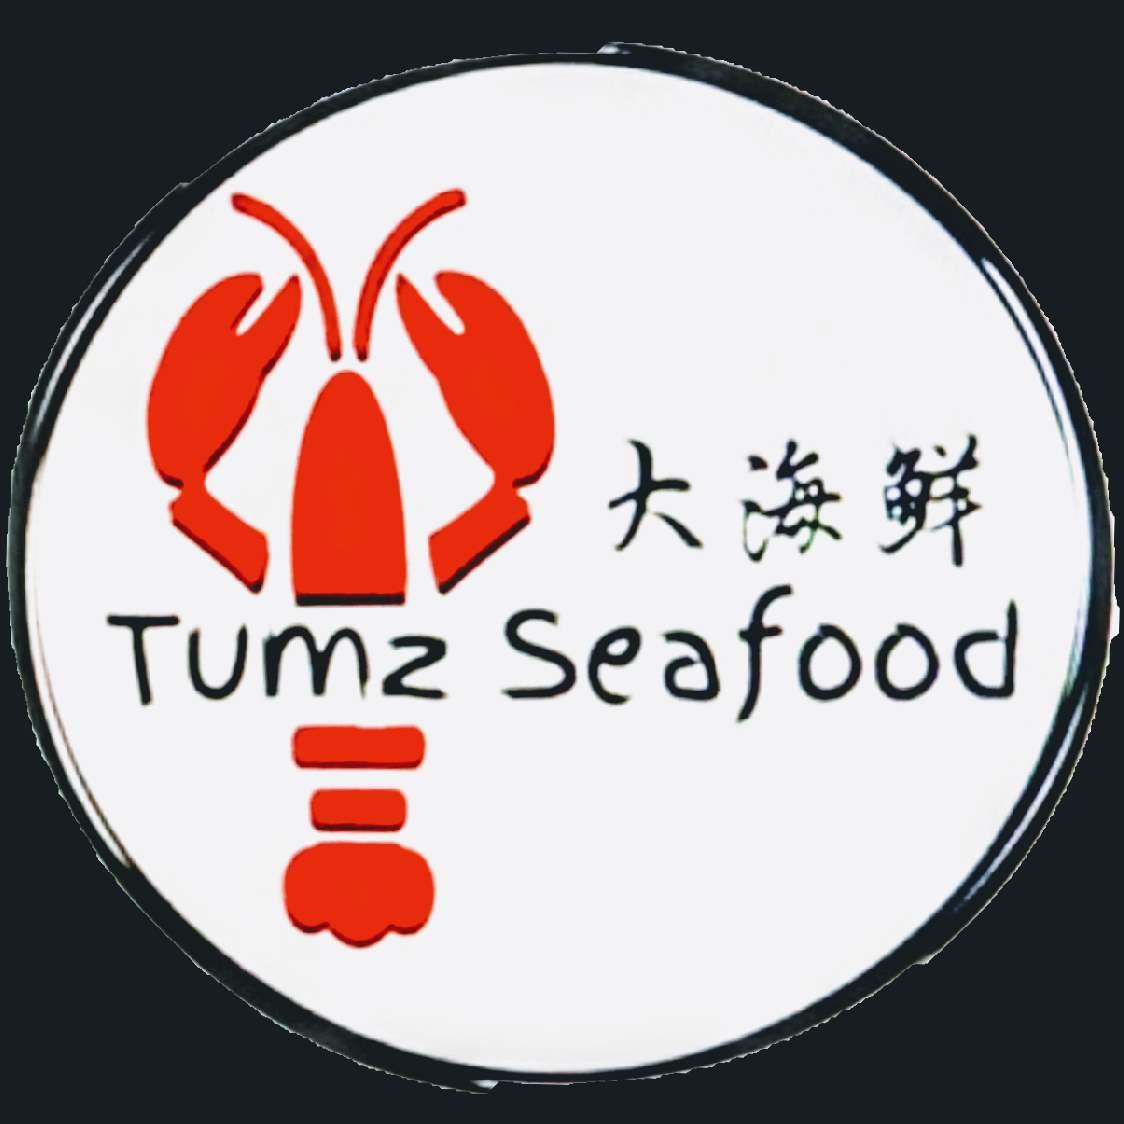 Tumz Phuket